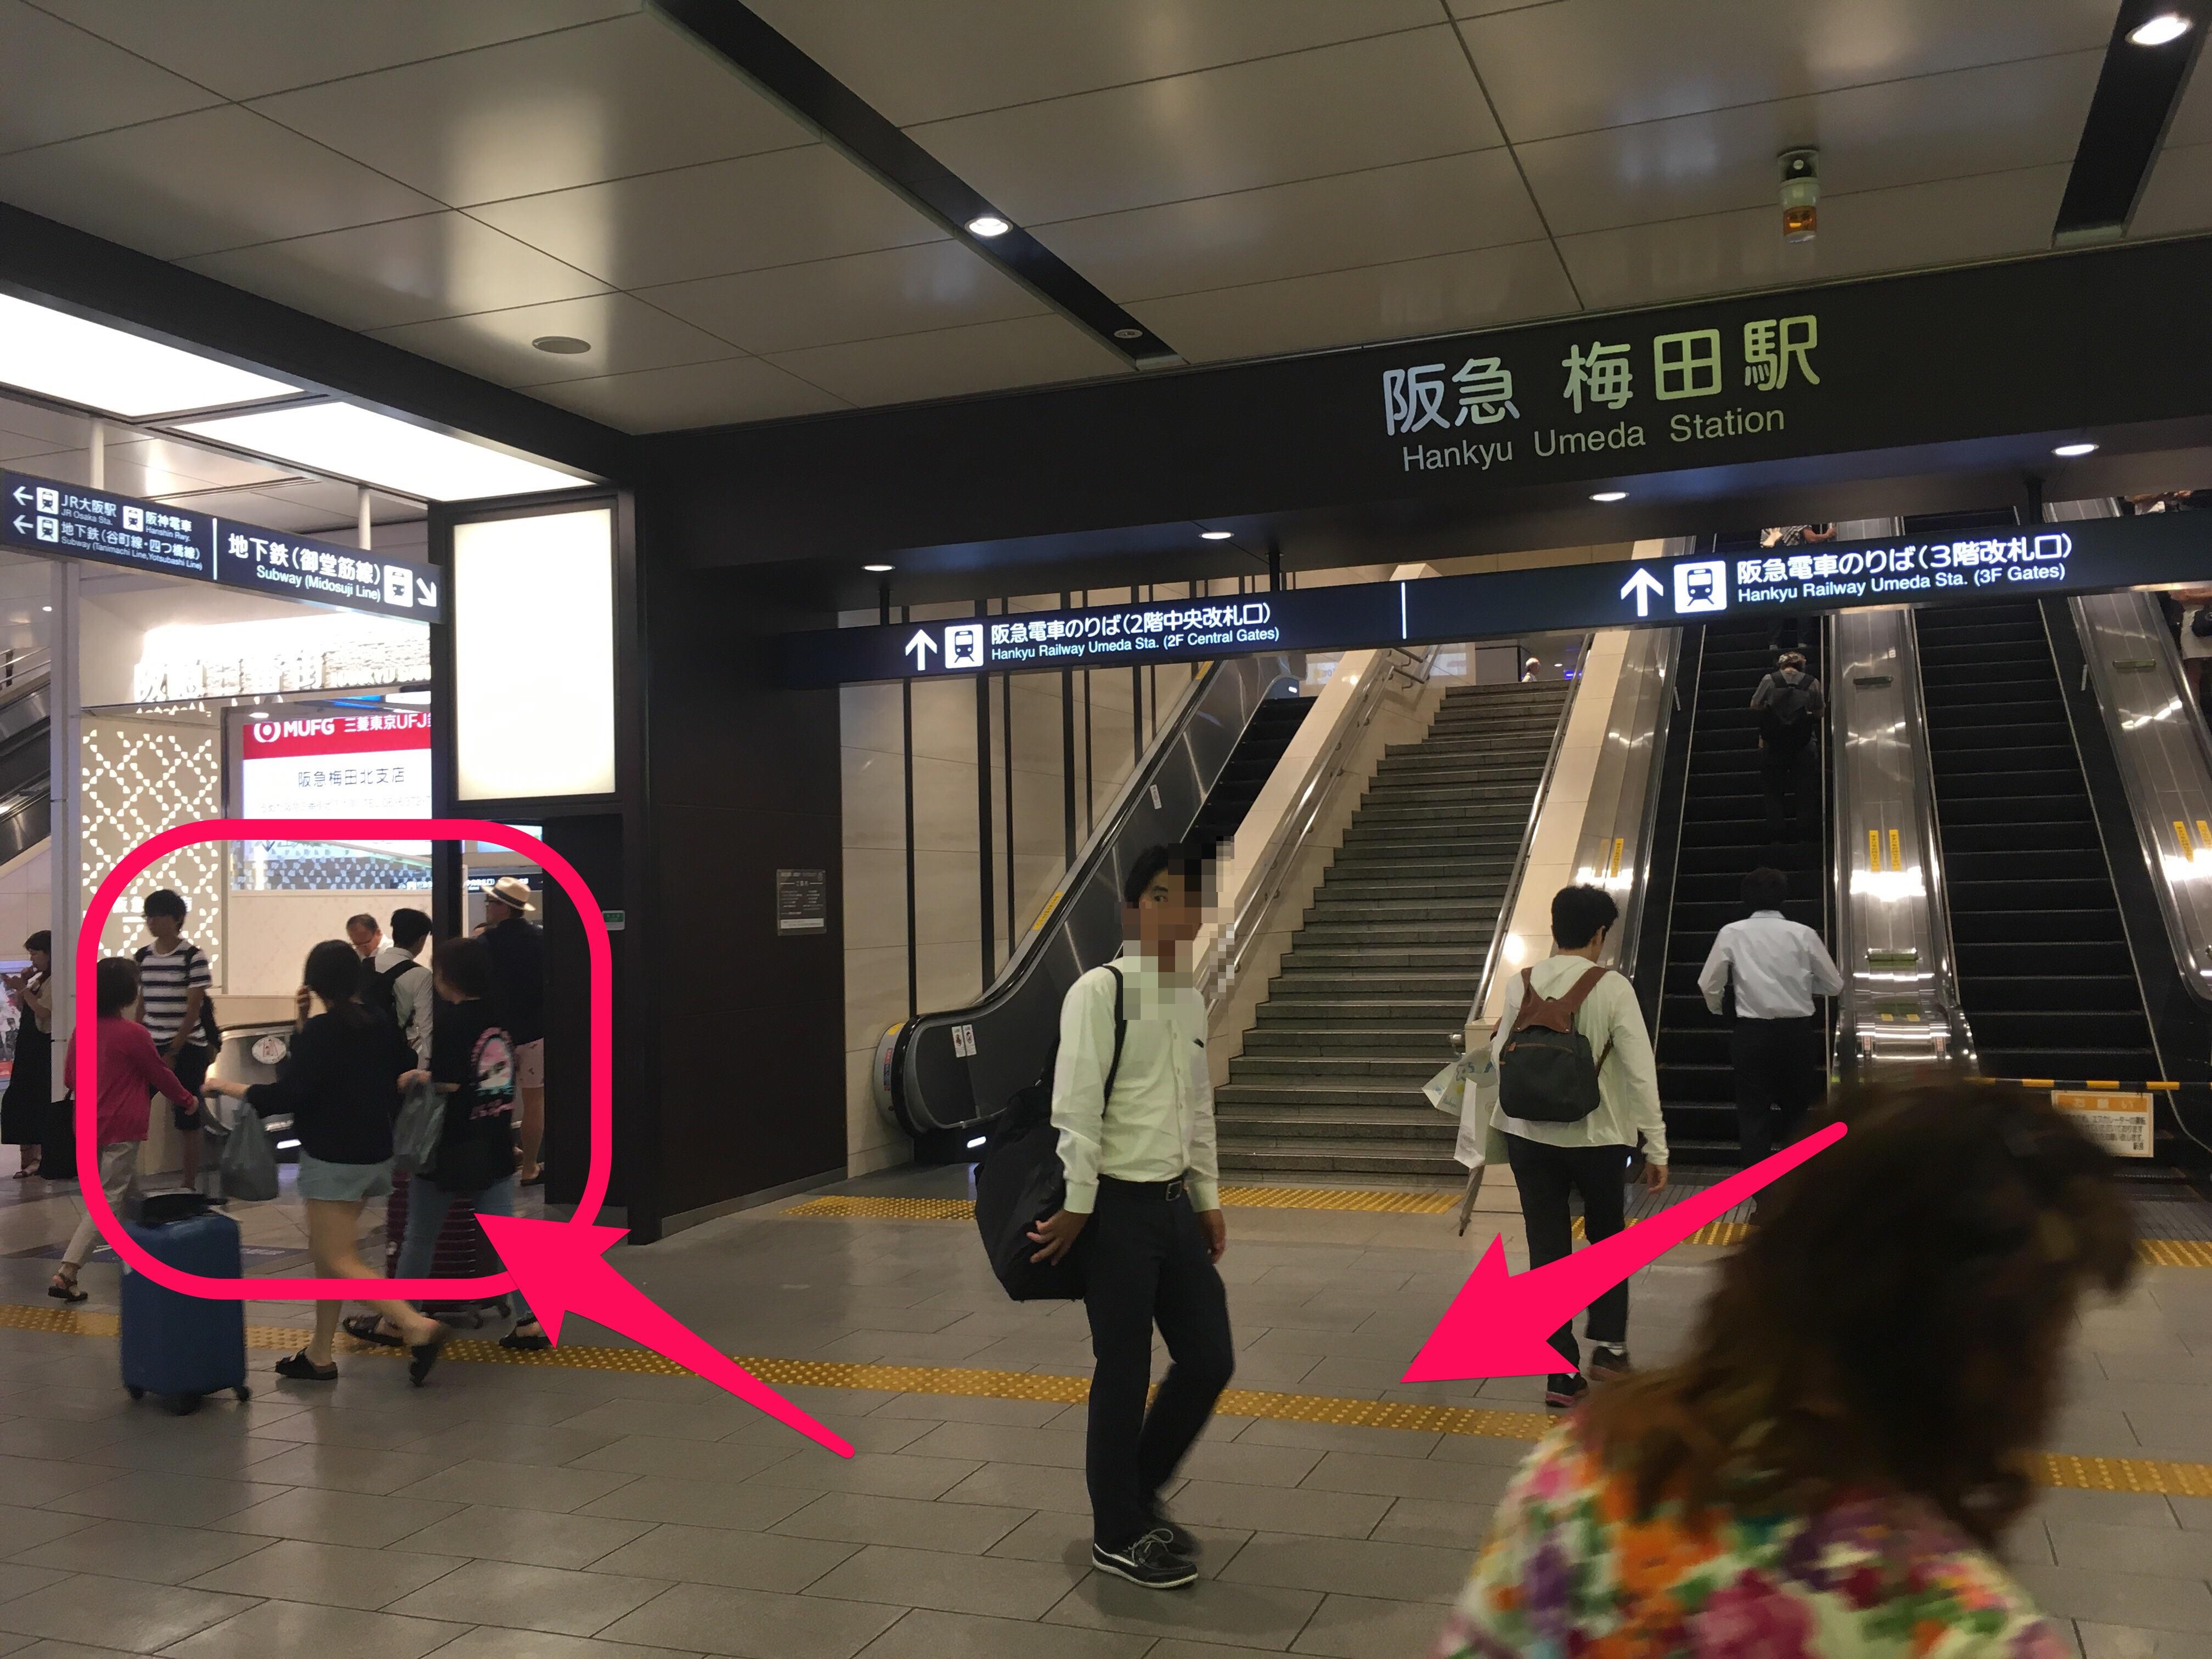 阪急梅田駅から大阪メトロ御堂筋線梅田駅への乗換案内